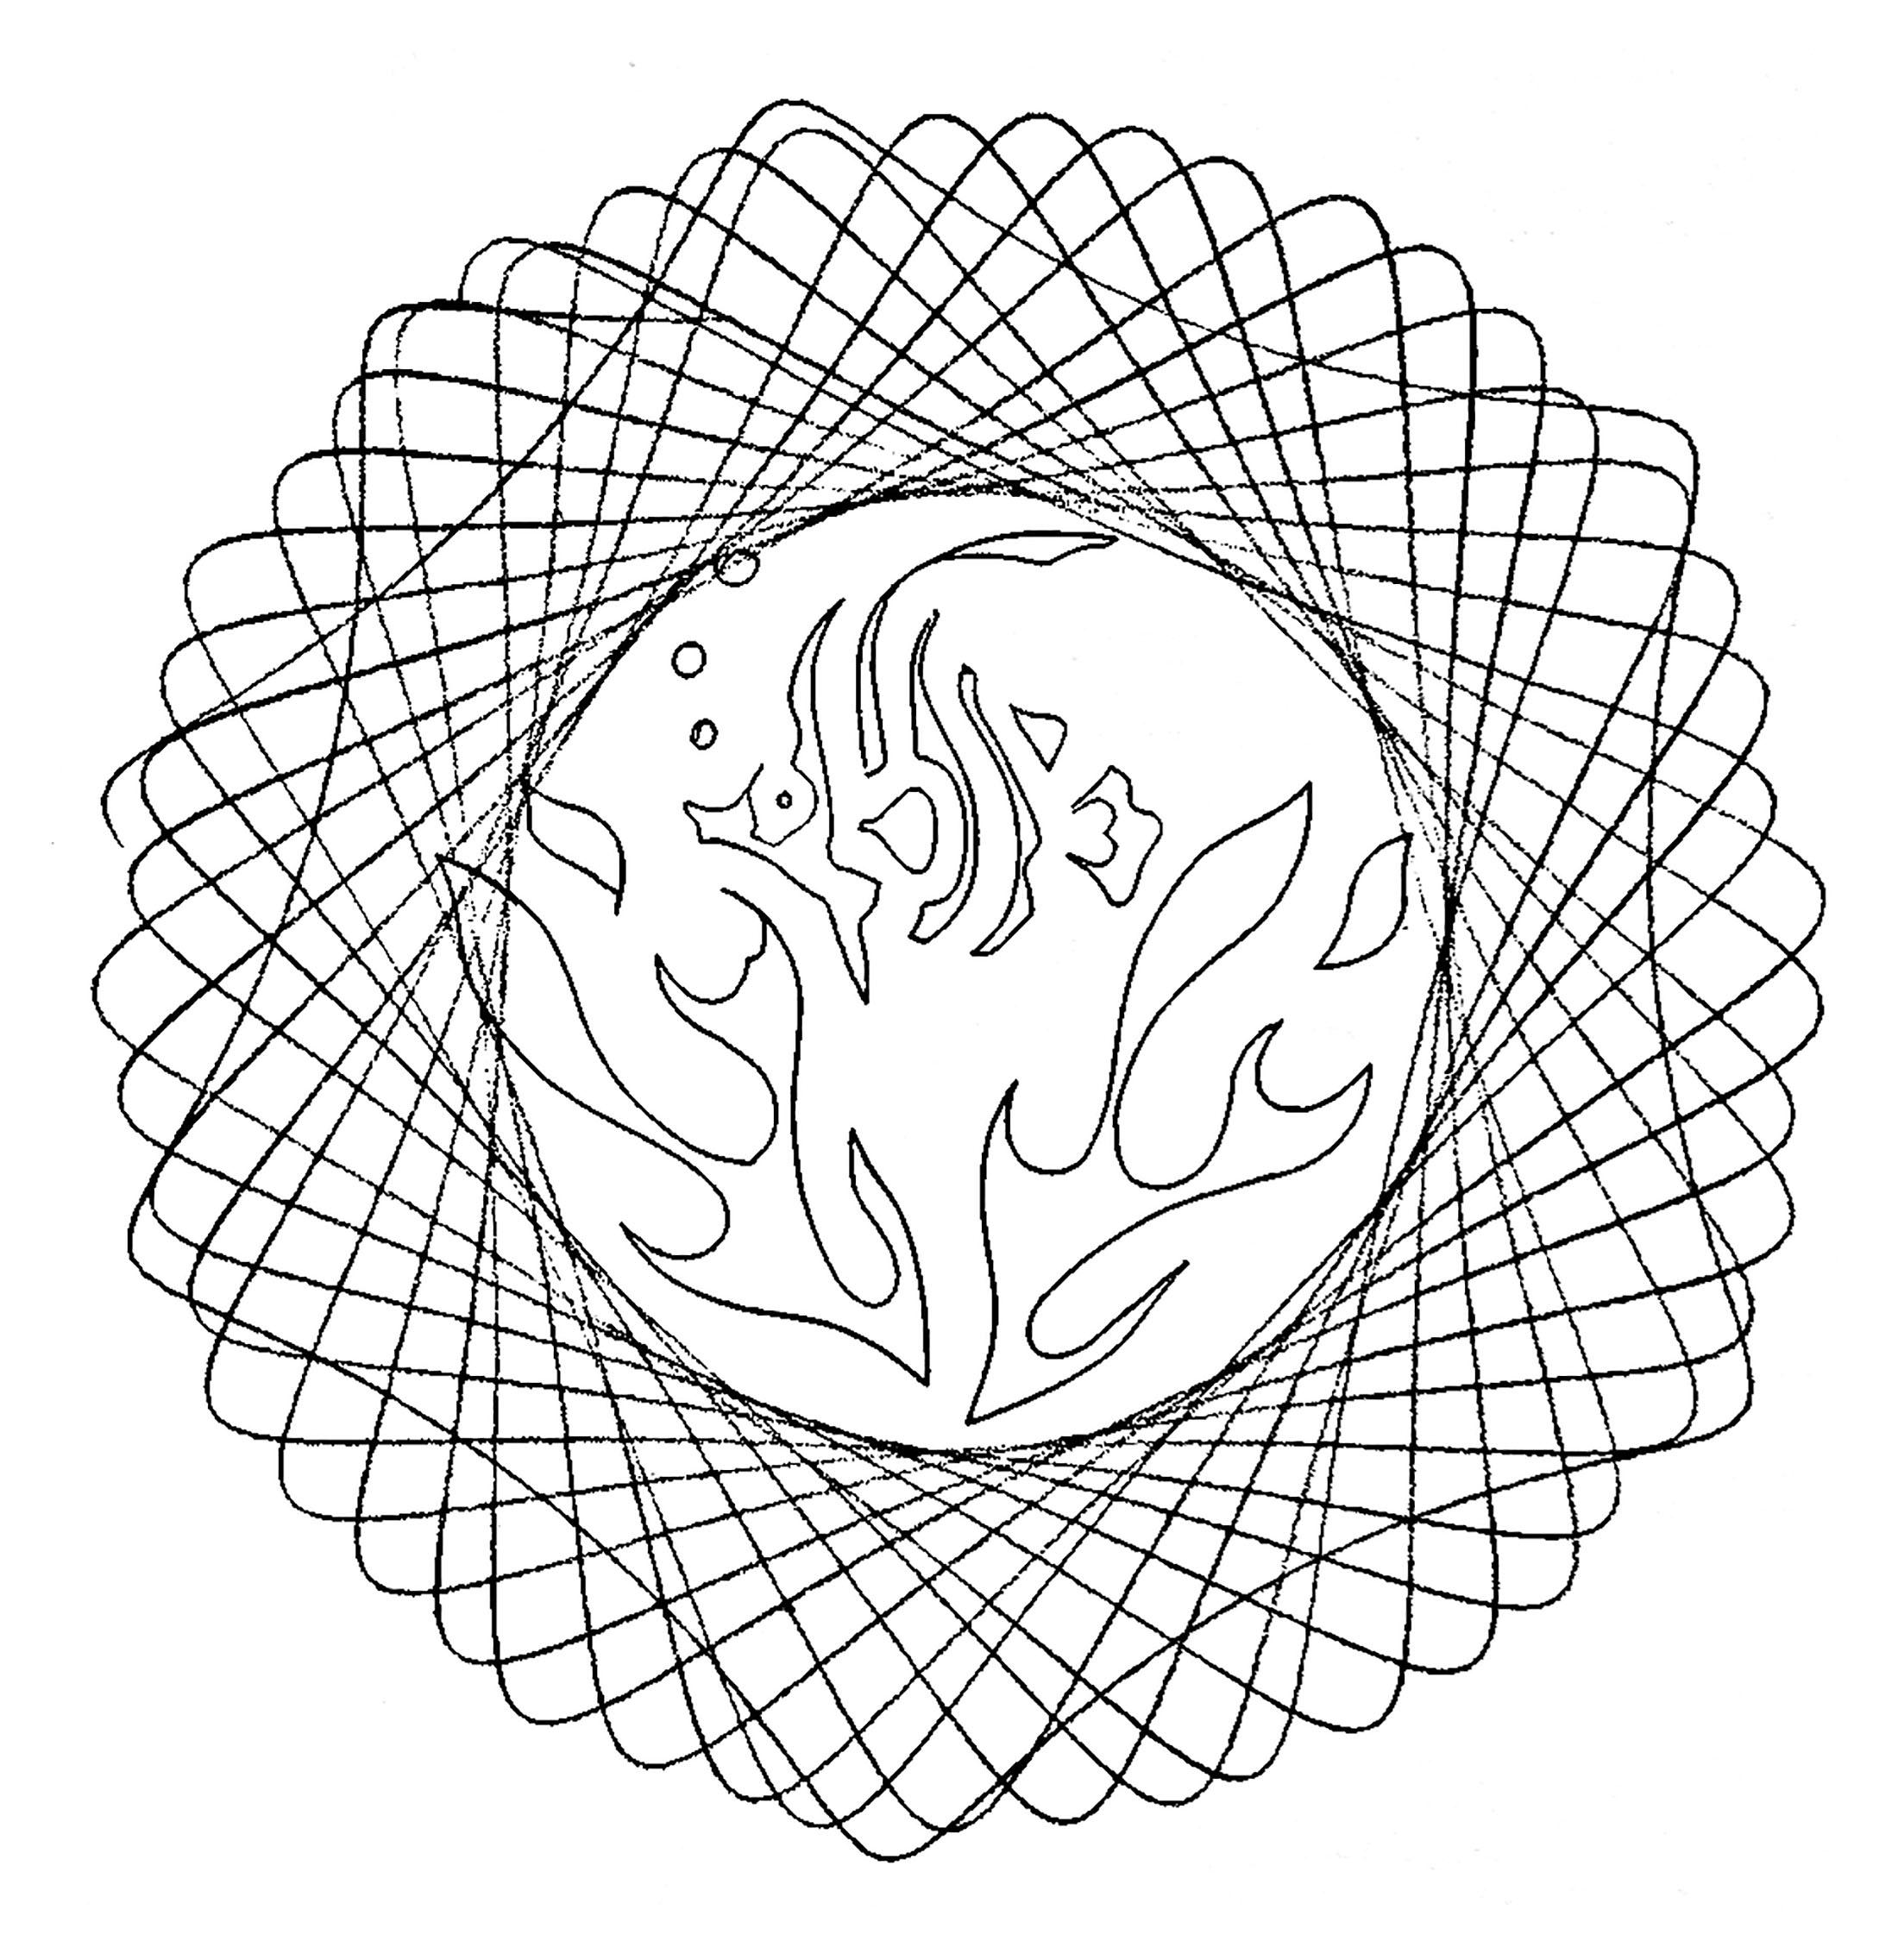 Mandala abstrait n'attendant que vos couleurs